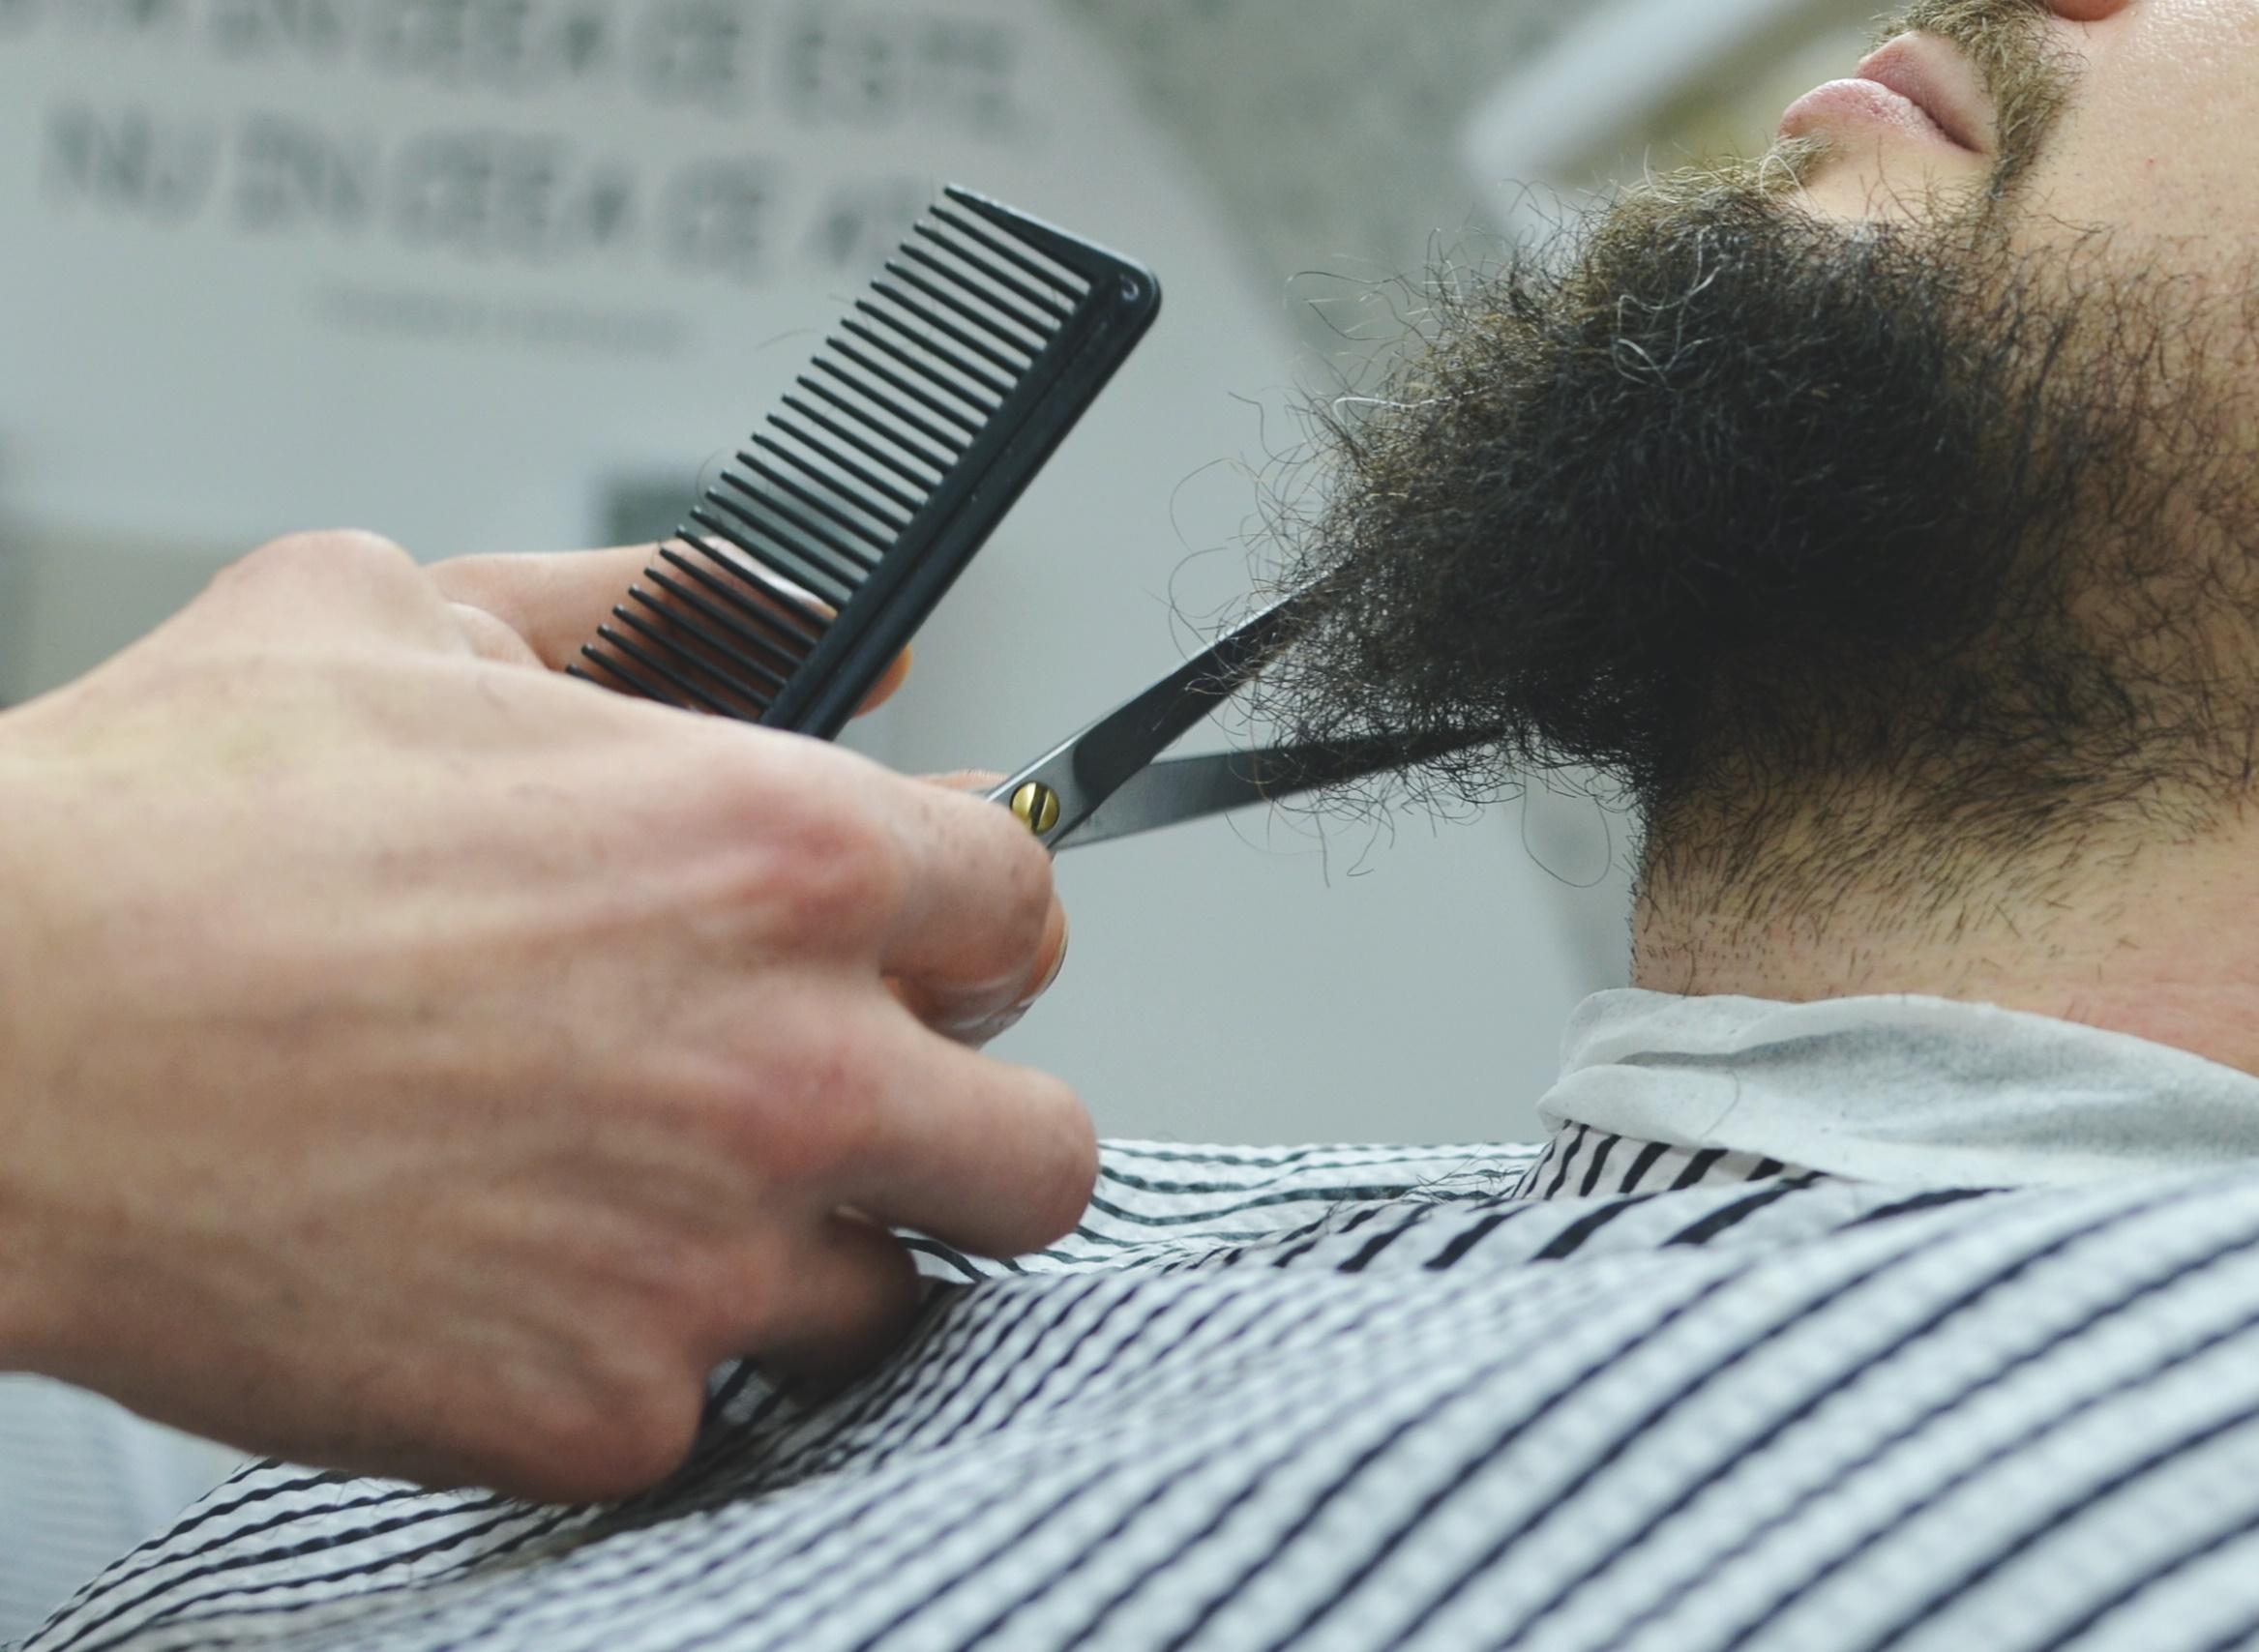 cum a fost la barber shop